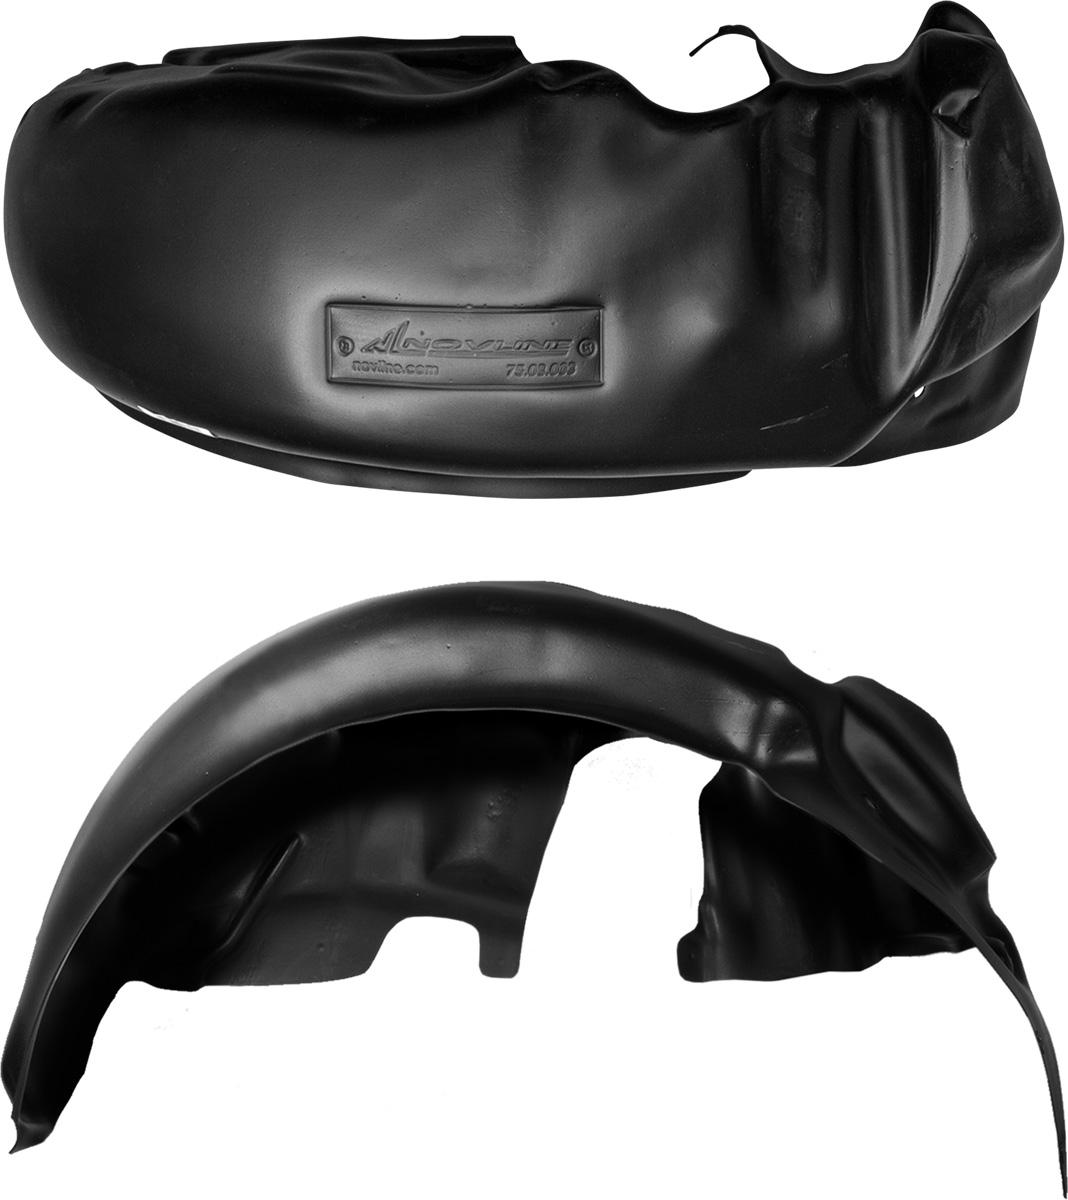 Подкрылок CHEVROLET NIVA 2009-2013, задний левыйNLL.52.17.003Колесные ниши – одни из самых уязвимых зон днища вашего автомобиля. Они постоянно подвергаются воздействию со стороны дороги. Лучшая, почти абсолютная защита для них - специально отформованные пластиковые кожухи, которые называются подкрылками, или локерами. Производятся они как для отечественных моделей автомобилей, так и для иномарок. Подкрылки выполнены из высококачественного, экологически чистого пластика. Обеспечивают надежную защиту кузова автомобиля от пескоструйного эффекта и негативного влияния, агрессивных антигололедных реагентов. Пластик обладает более низкой теплопроводностью, чем металл, поэтому в зимний период эксплуатации использование пластиковых подкрылков позволяет лучше защитить колесные ниши от налипания снега и образования наледи. Оригинальность конструкции подчеркивает элегантность автомобиля, бережно защищает нанесенное на днище кузова антикоррозийное покрытие и позволяет осуществить крепление подкрылков внутри колесной арки практически без дополнительного...